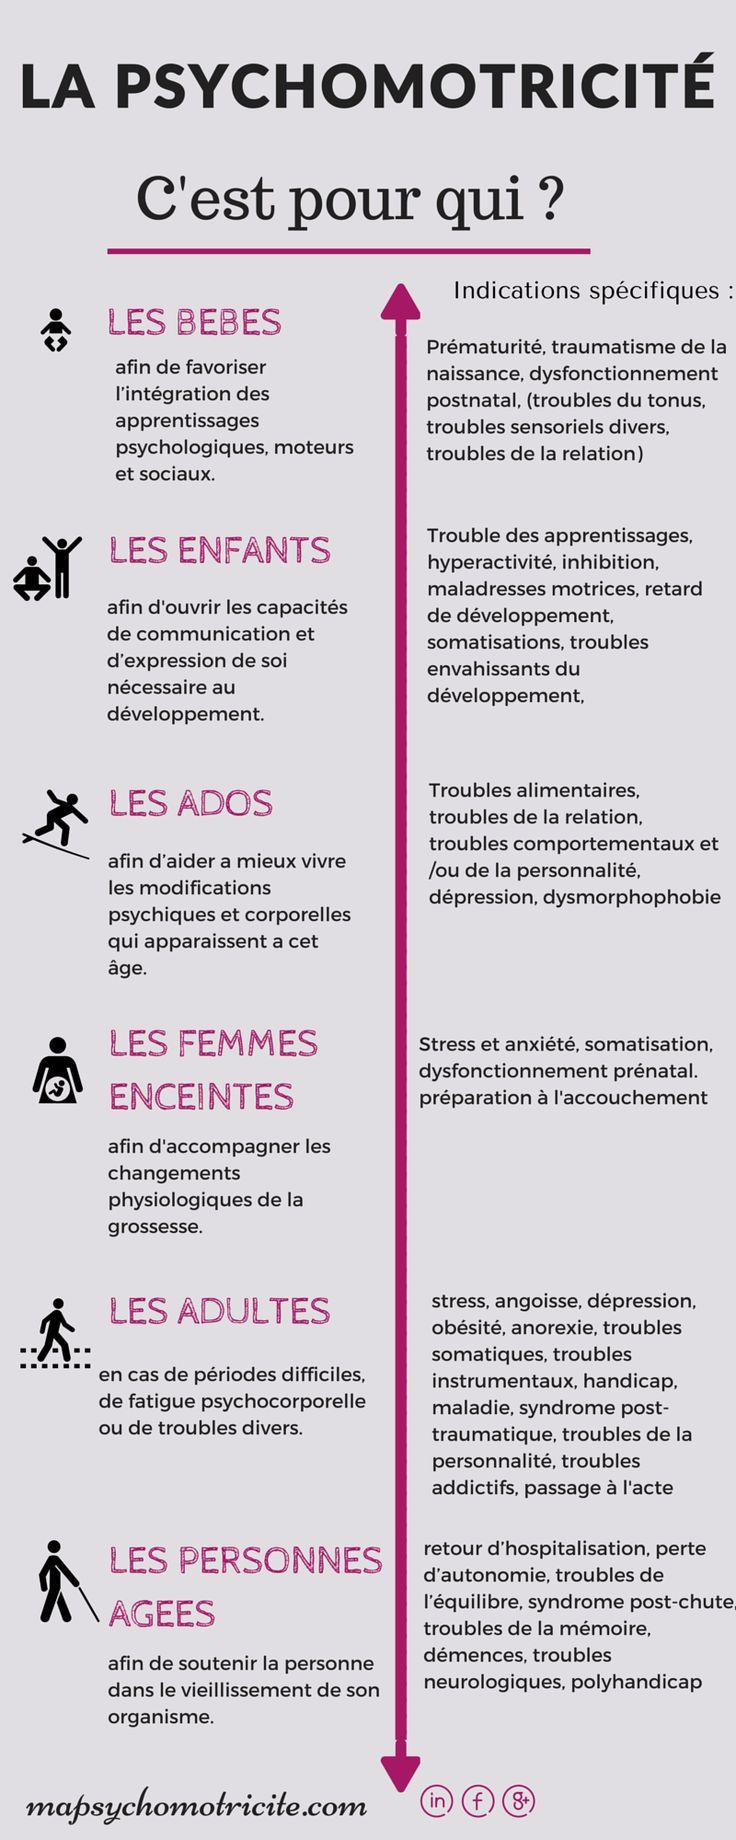 Educational Infographic La Psychomotricit 233 C Est Pour